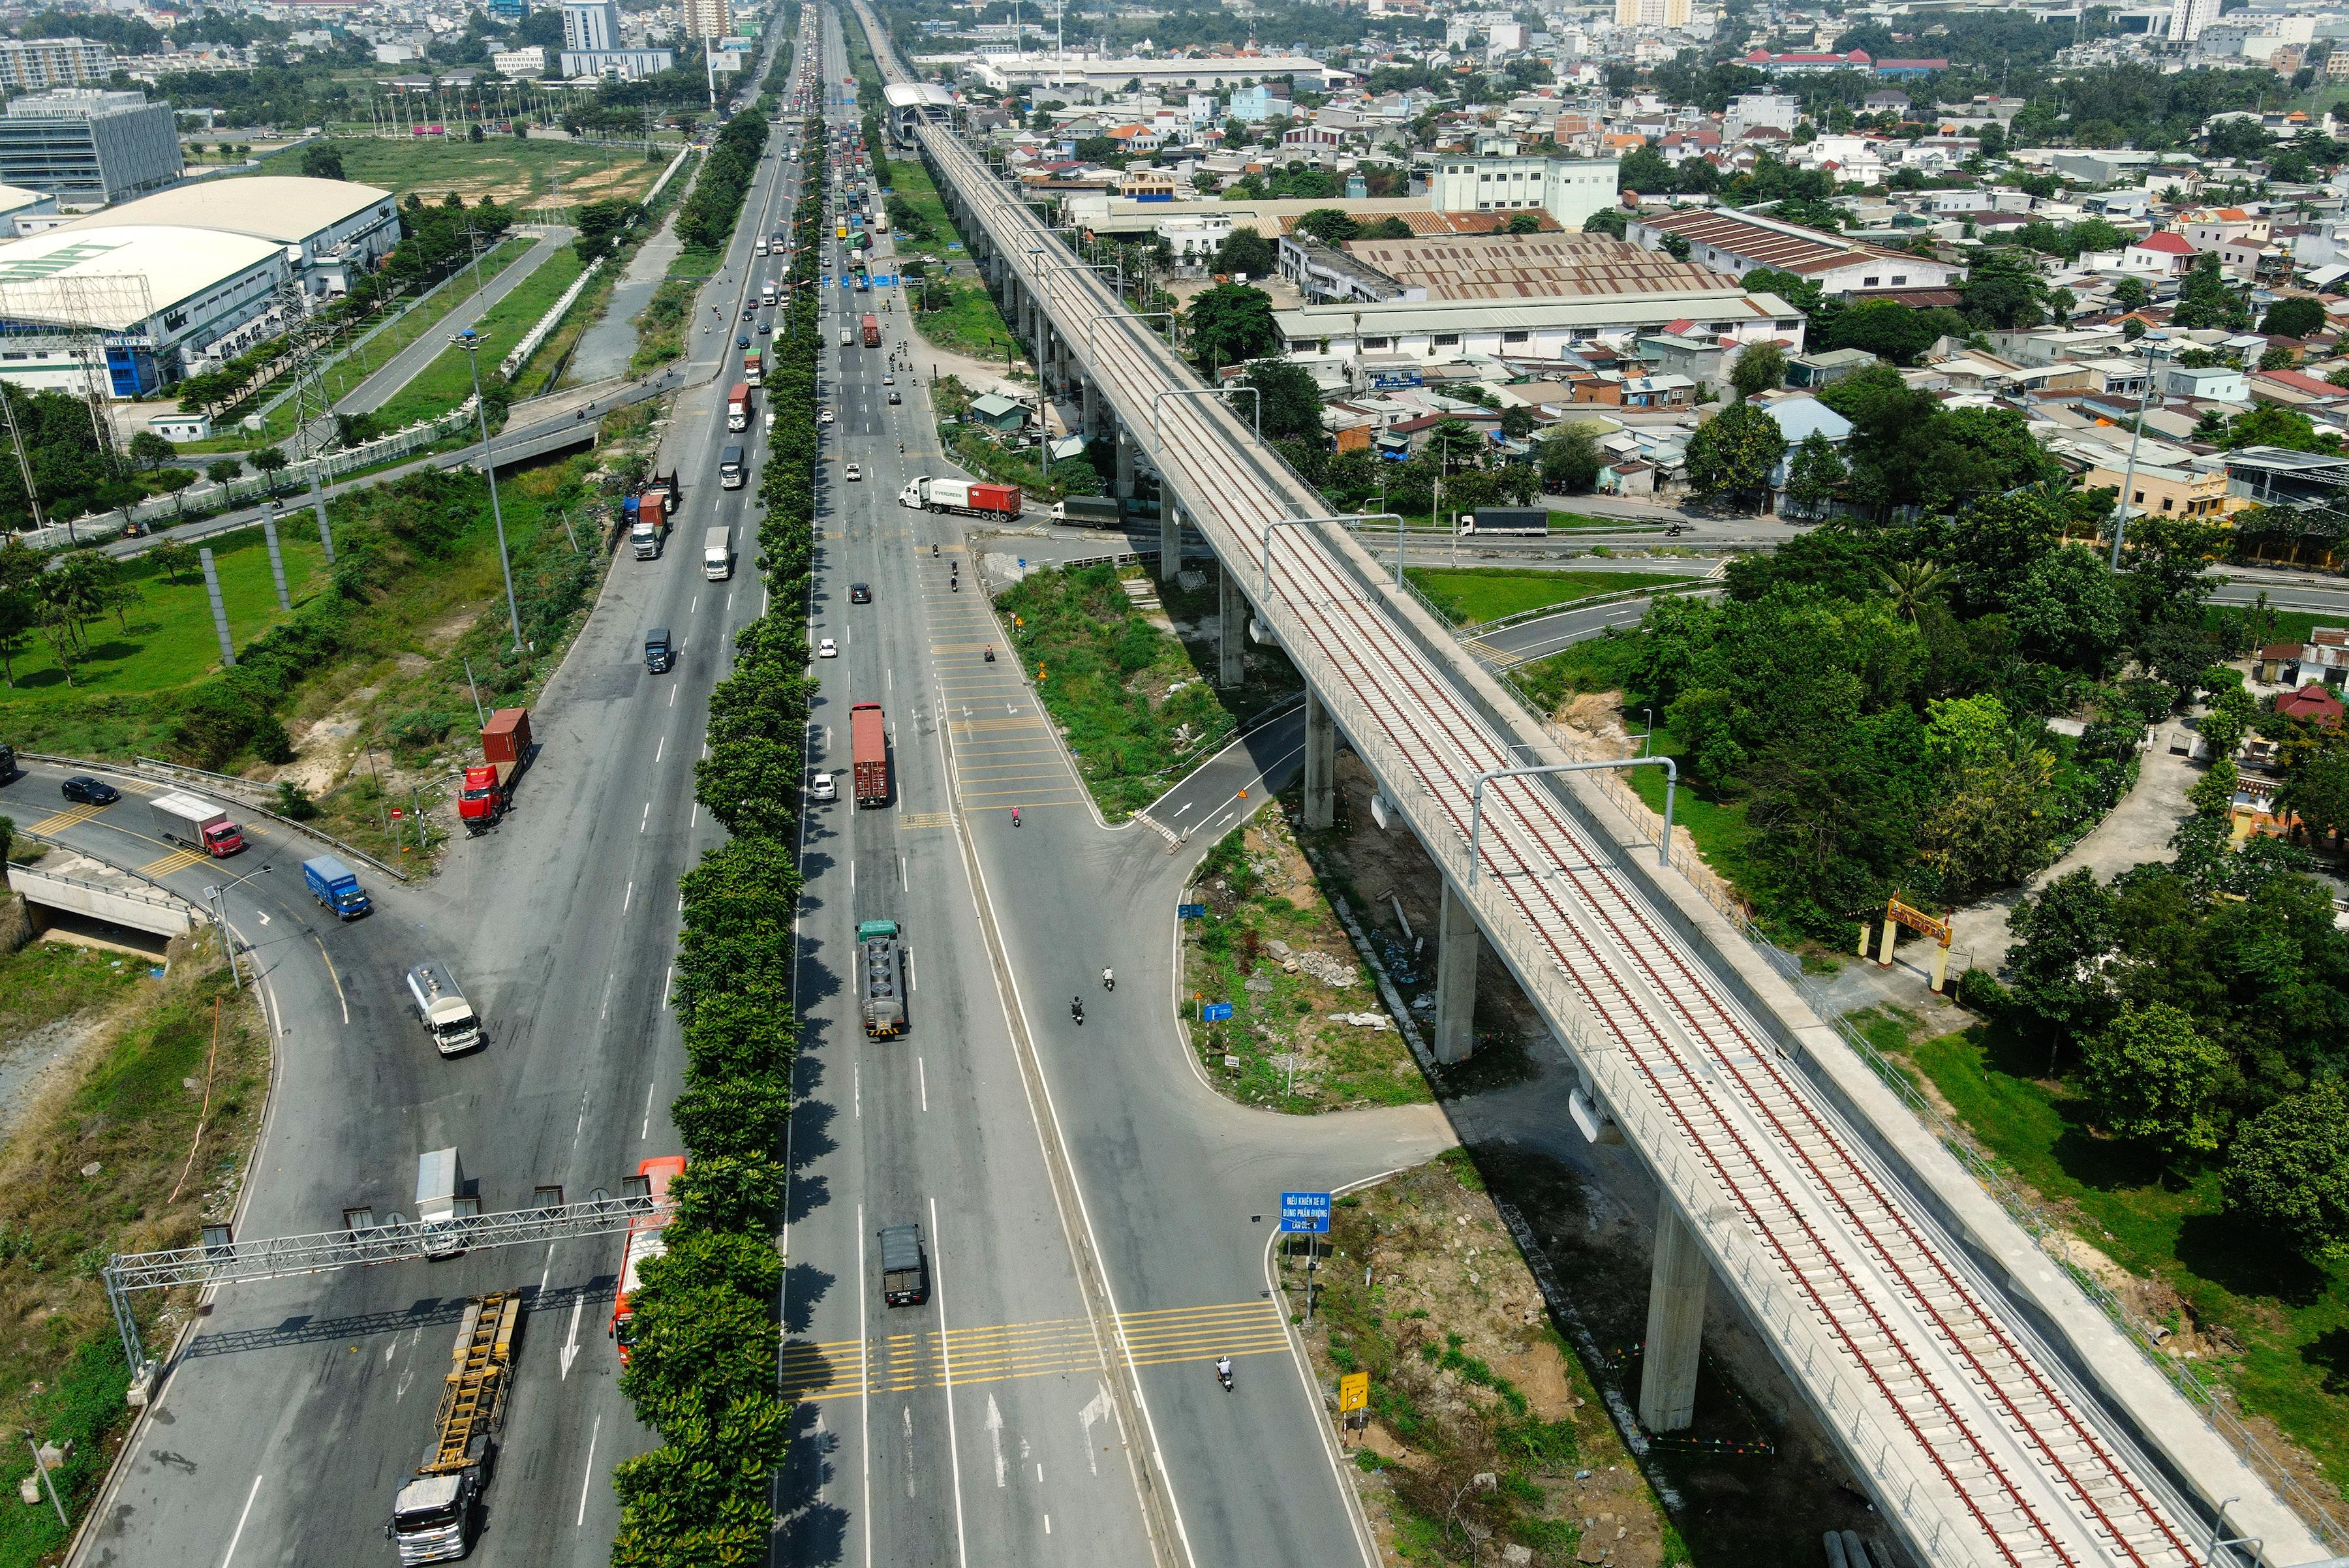 Ngắm tuyến metro đầu tiên của TPHCM sau gần 10 năm chờ đợi - 1